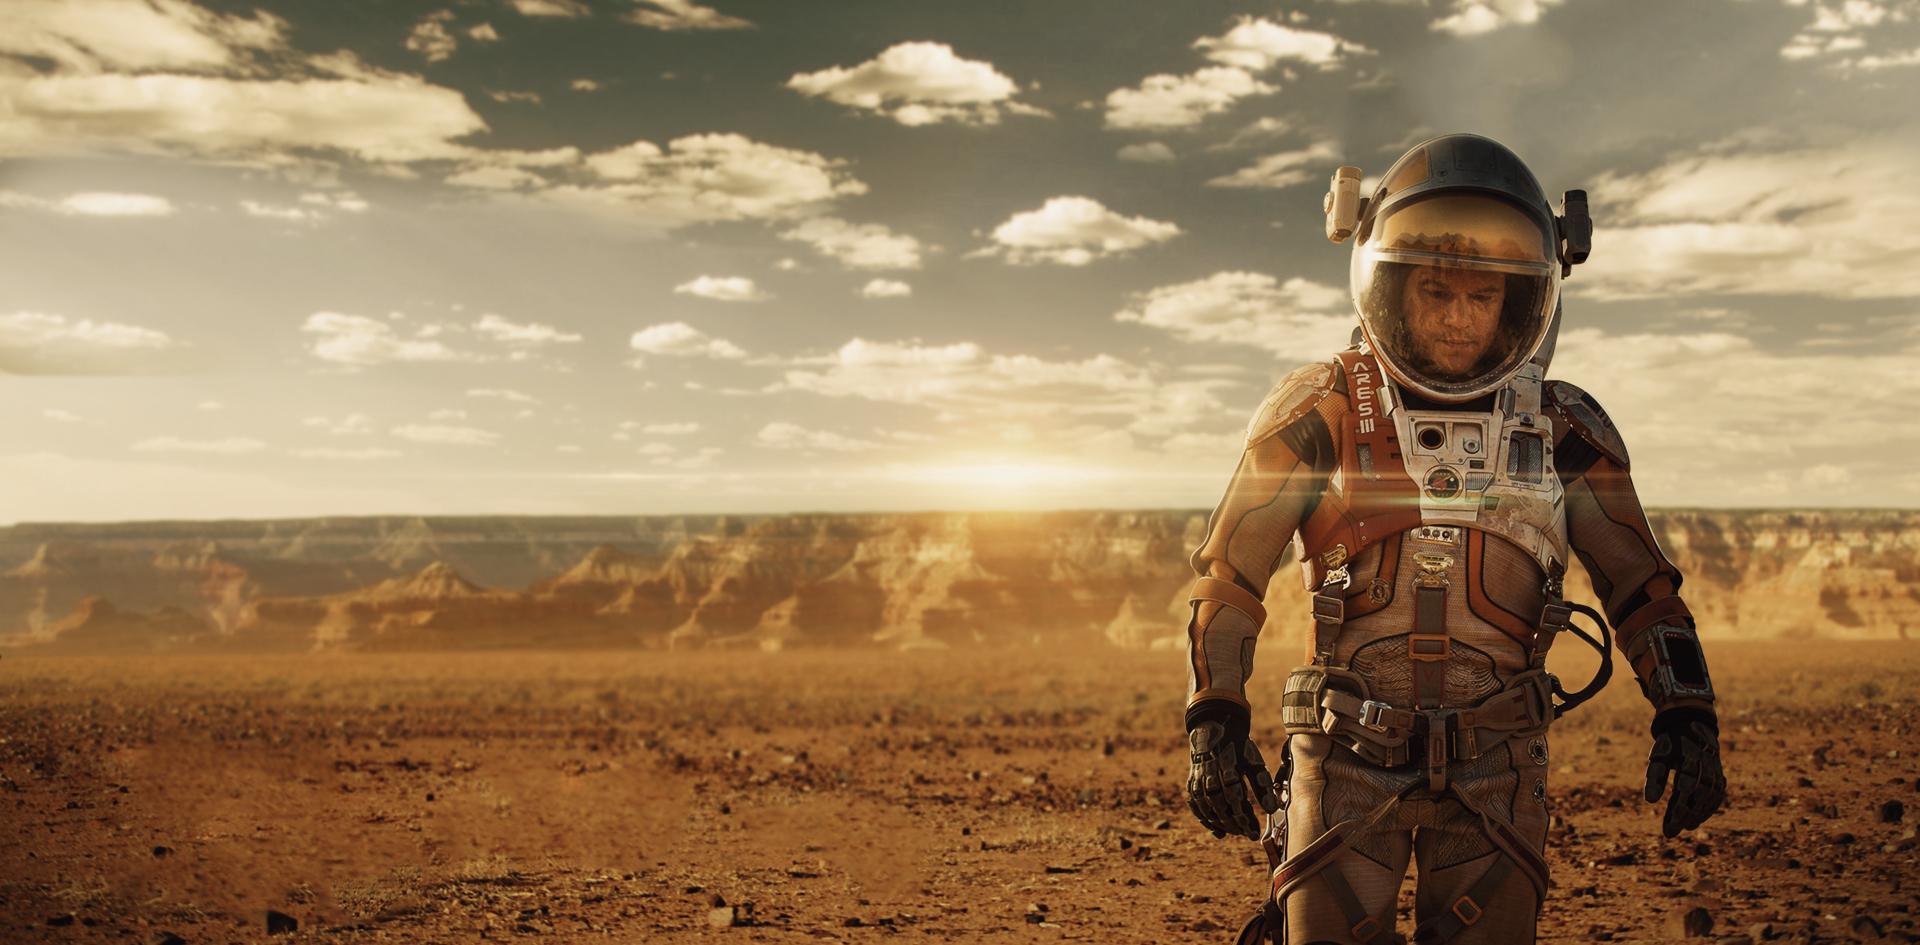 Лететь в максимум солнечной активности и не дольше четырех лет: определены безопасные время и длительность экспедиции к Марсу